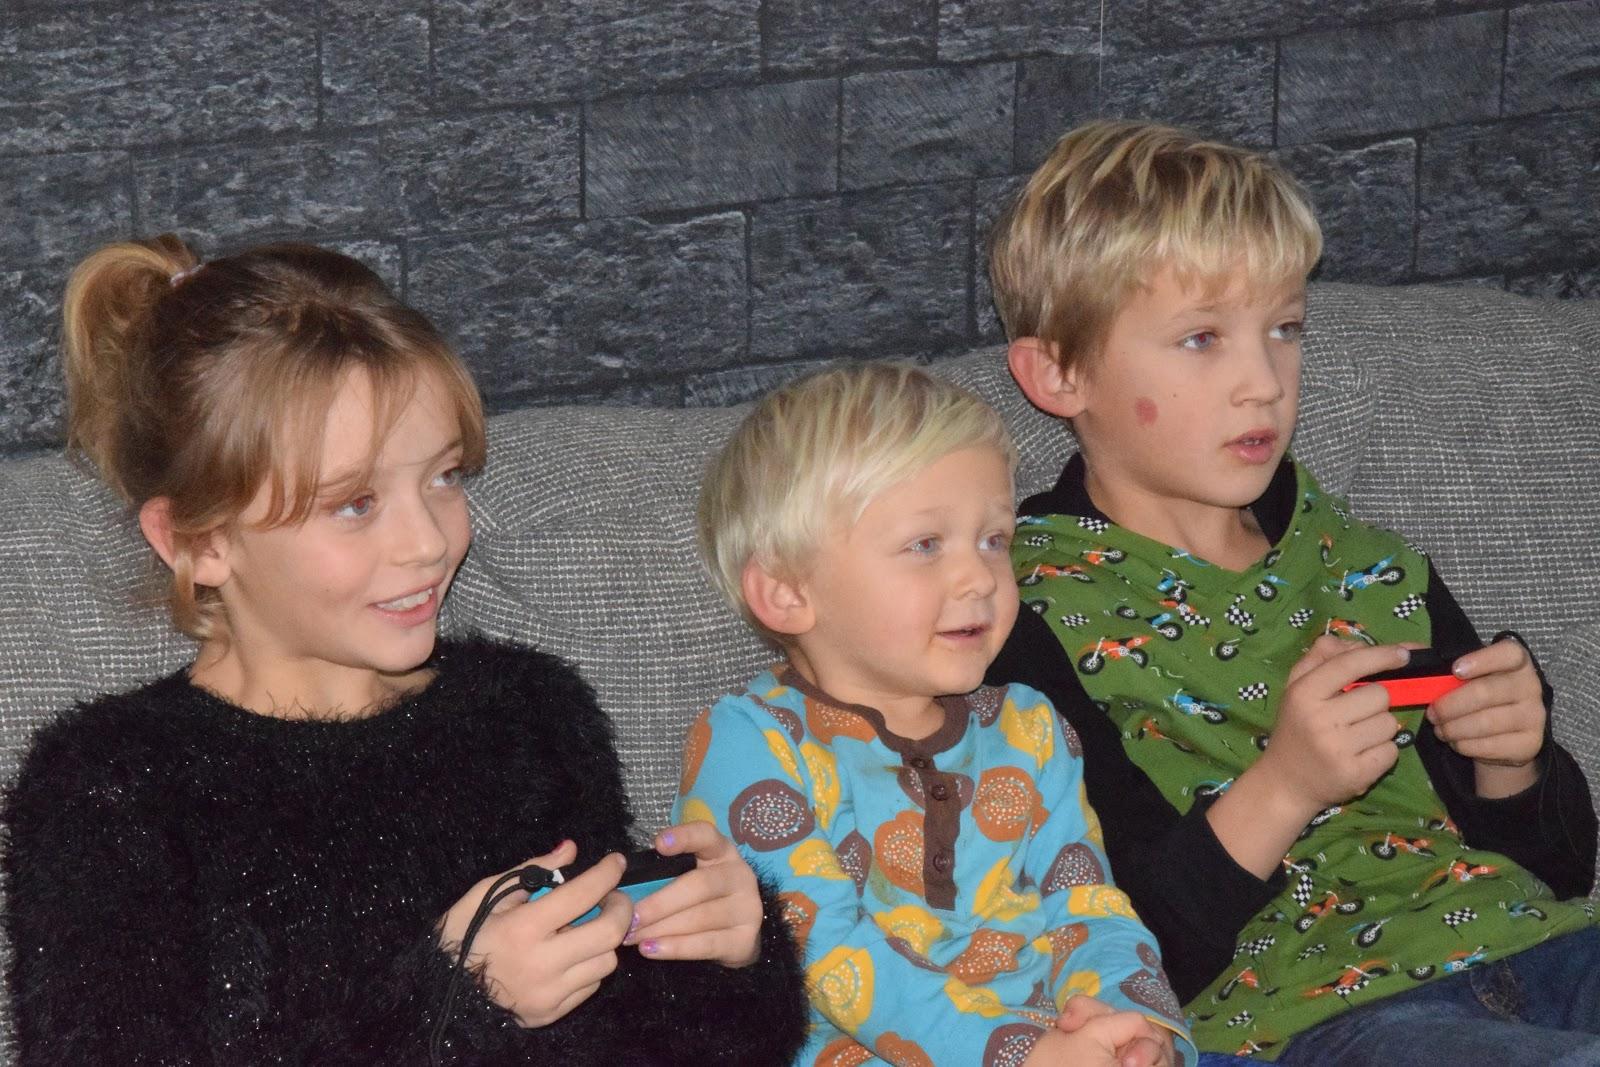 Familie Und Mehr Mario Party Für Die Nintendo Switch Spielspaß